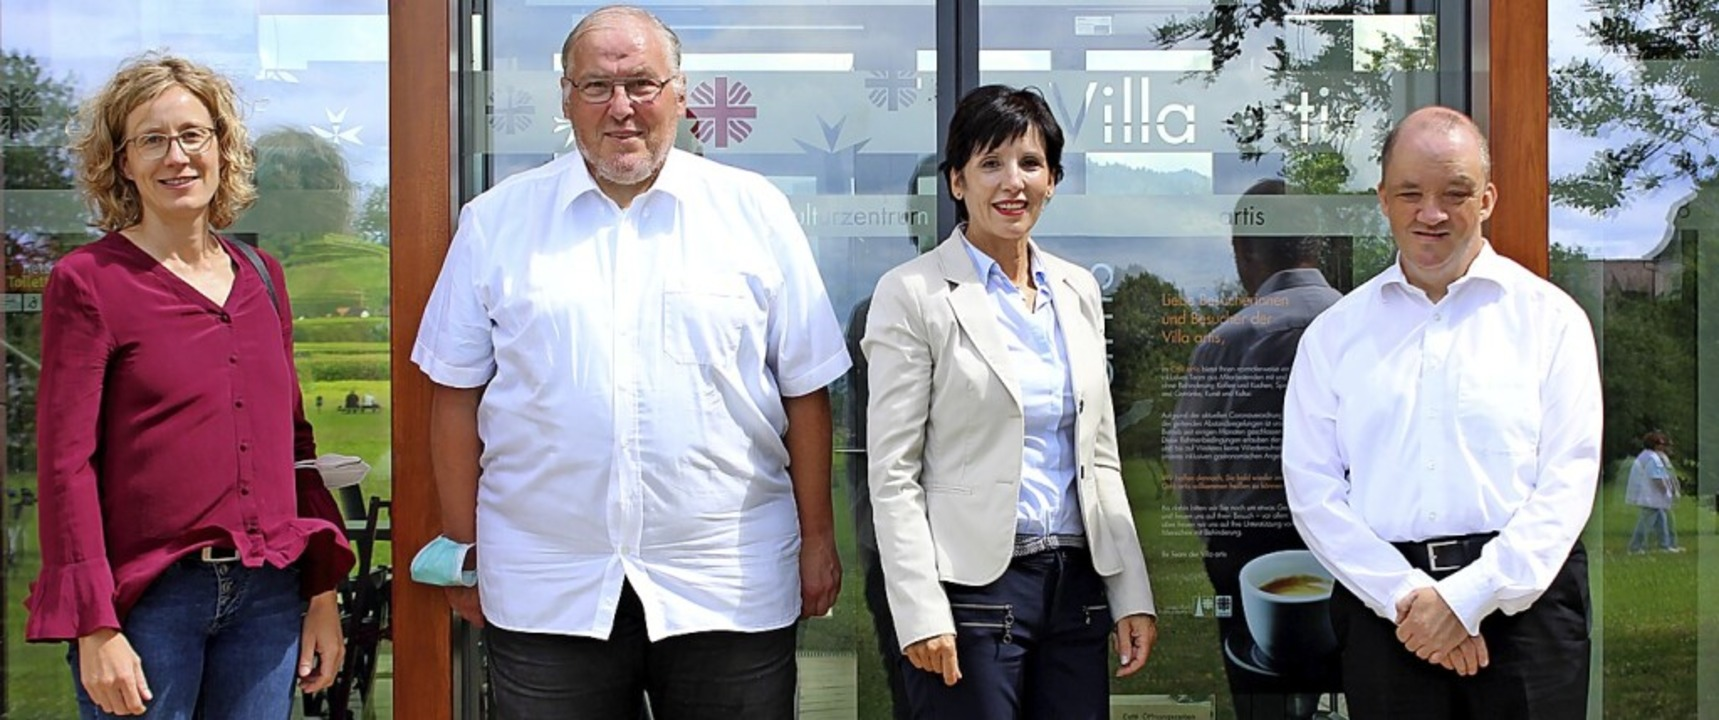 Freude über den Neustart (von links): ...atkov und Leiterin Antoinette Majewski  | Foto: Jennifer Ruh